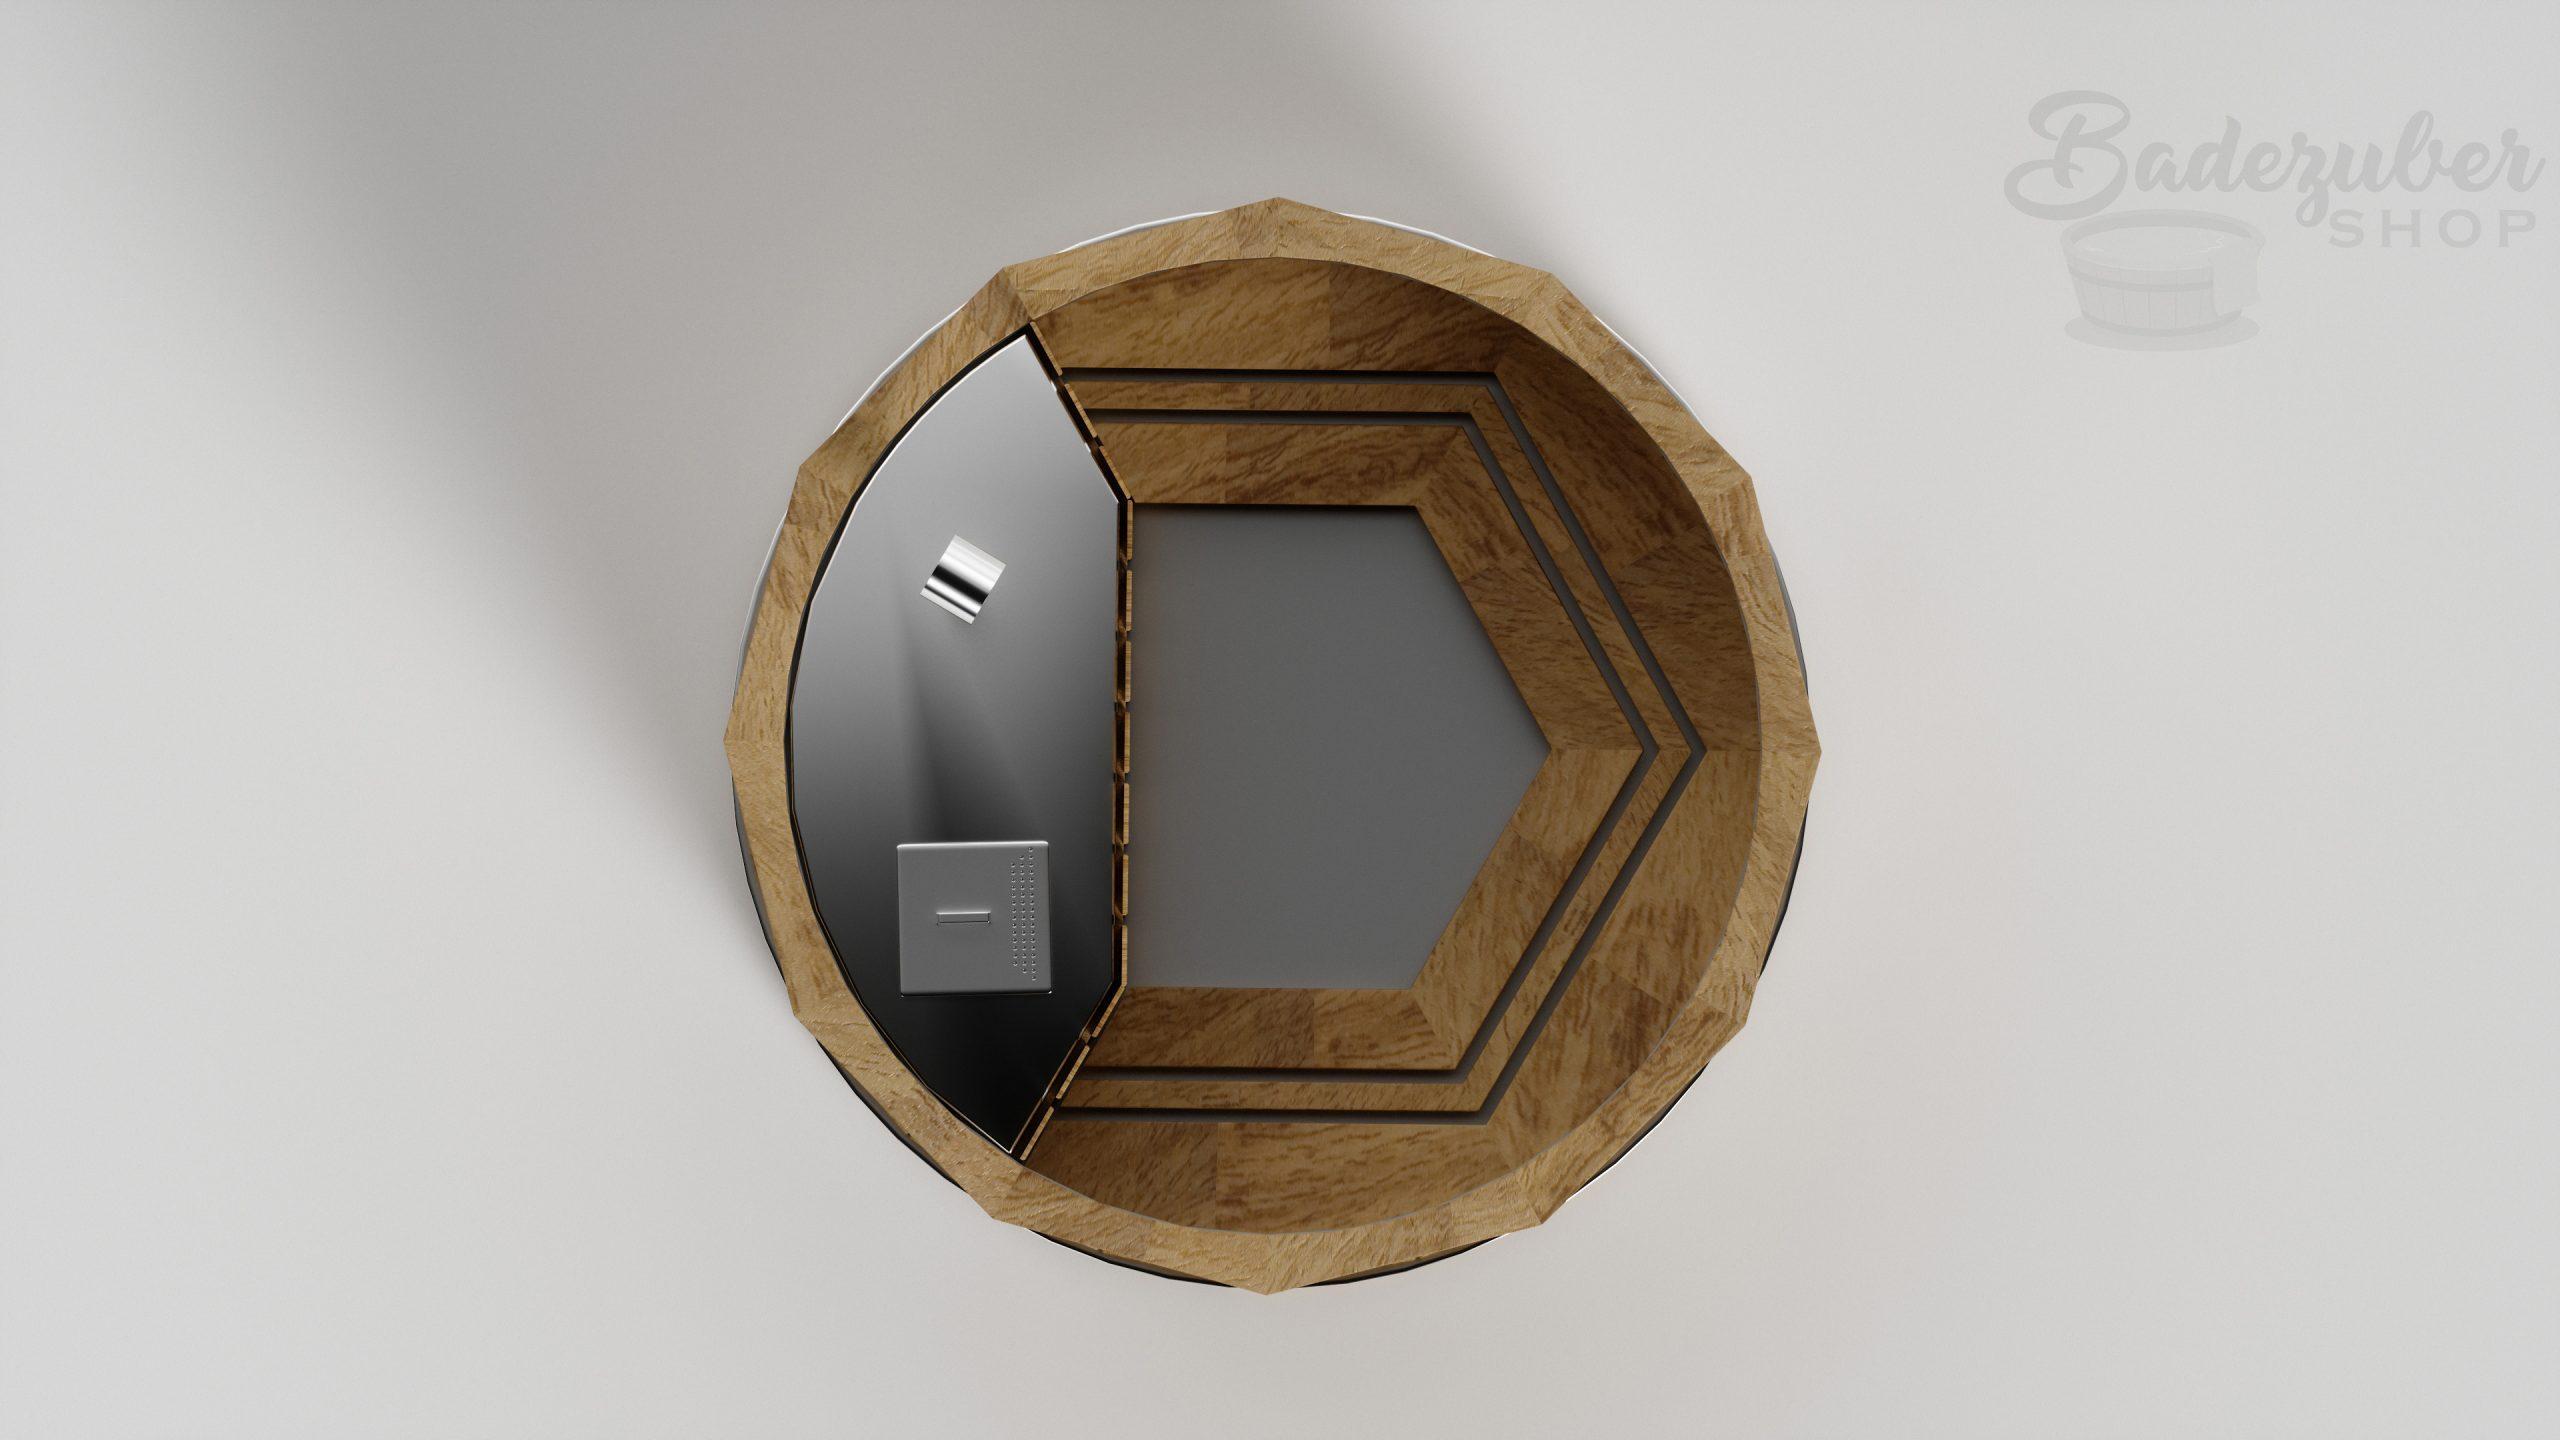 Holz Badefass mit innen Ofen - Produktbild Draufsicht